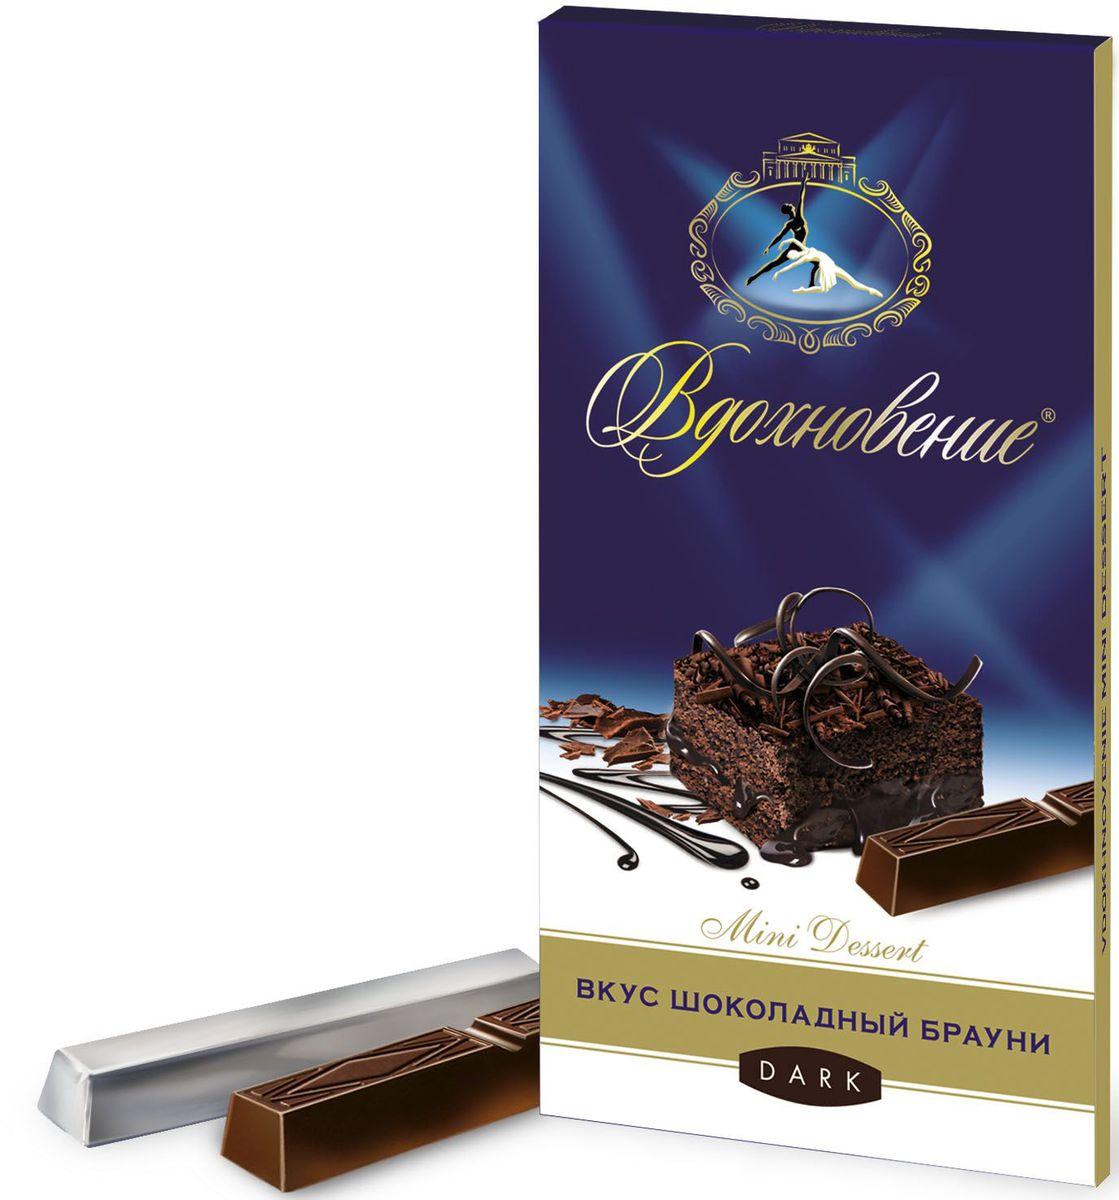 Бабаевский Вдохновение Mini Dessert вкус Шоколадный брауни темный шоколад, 100 г бабаевский темный шоколад с миндалем 100 г